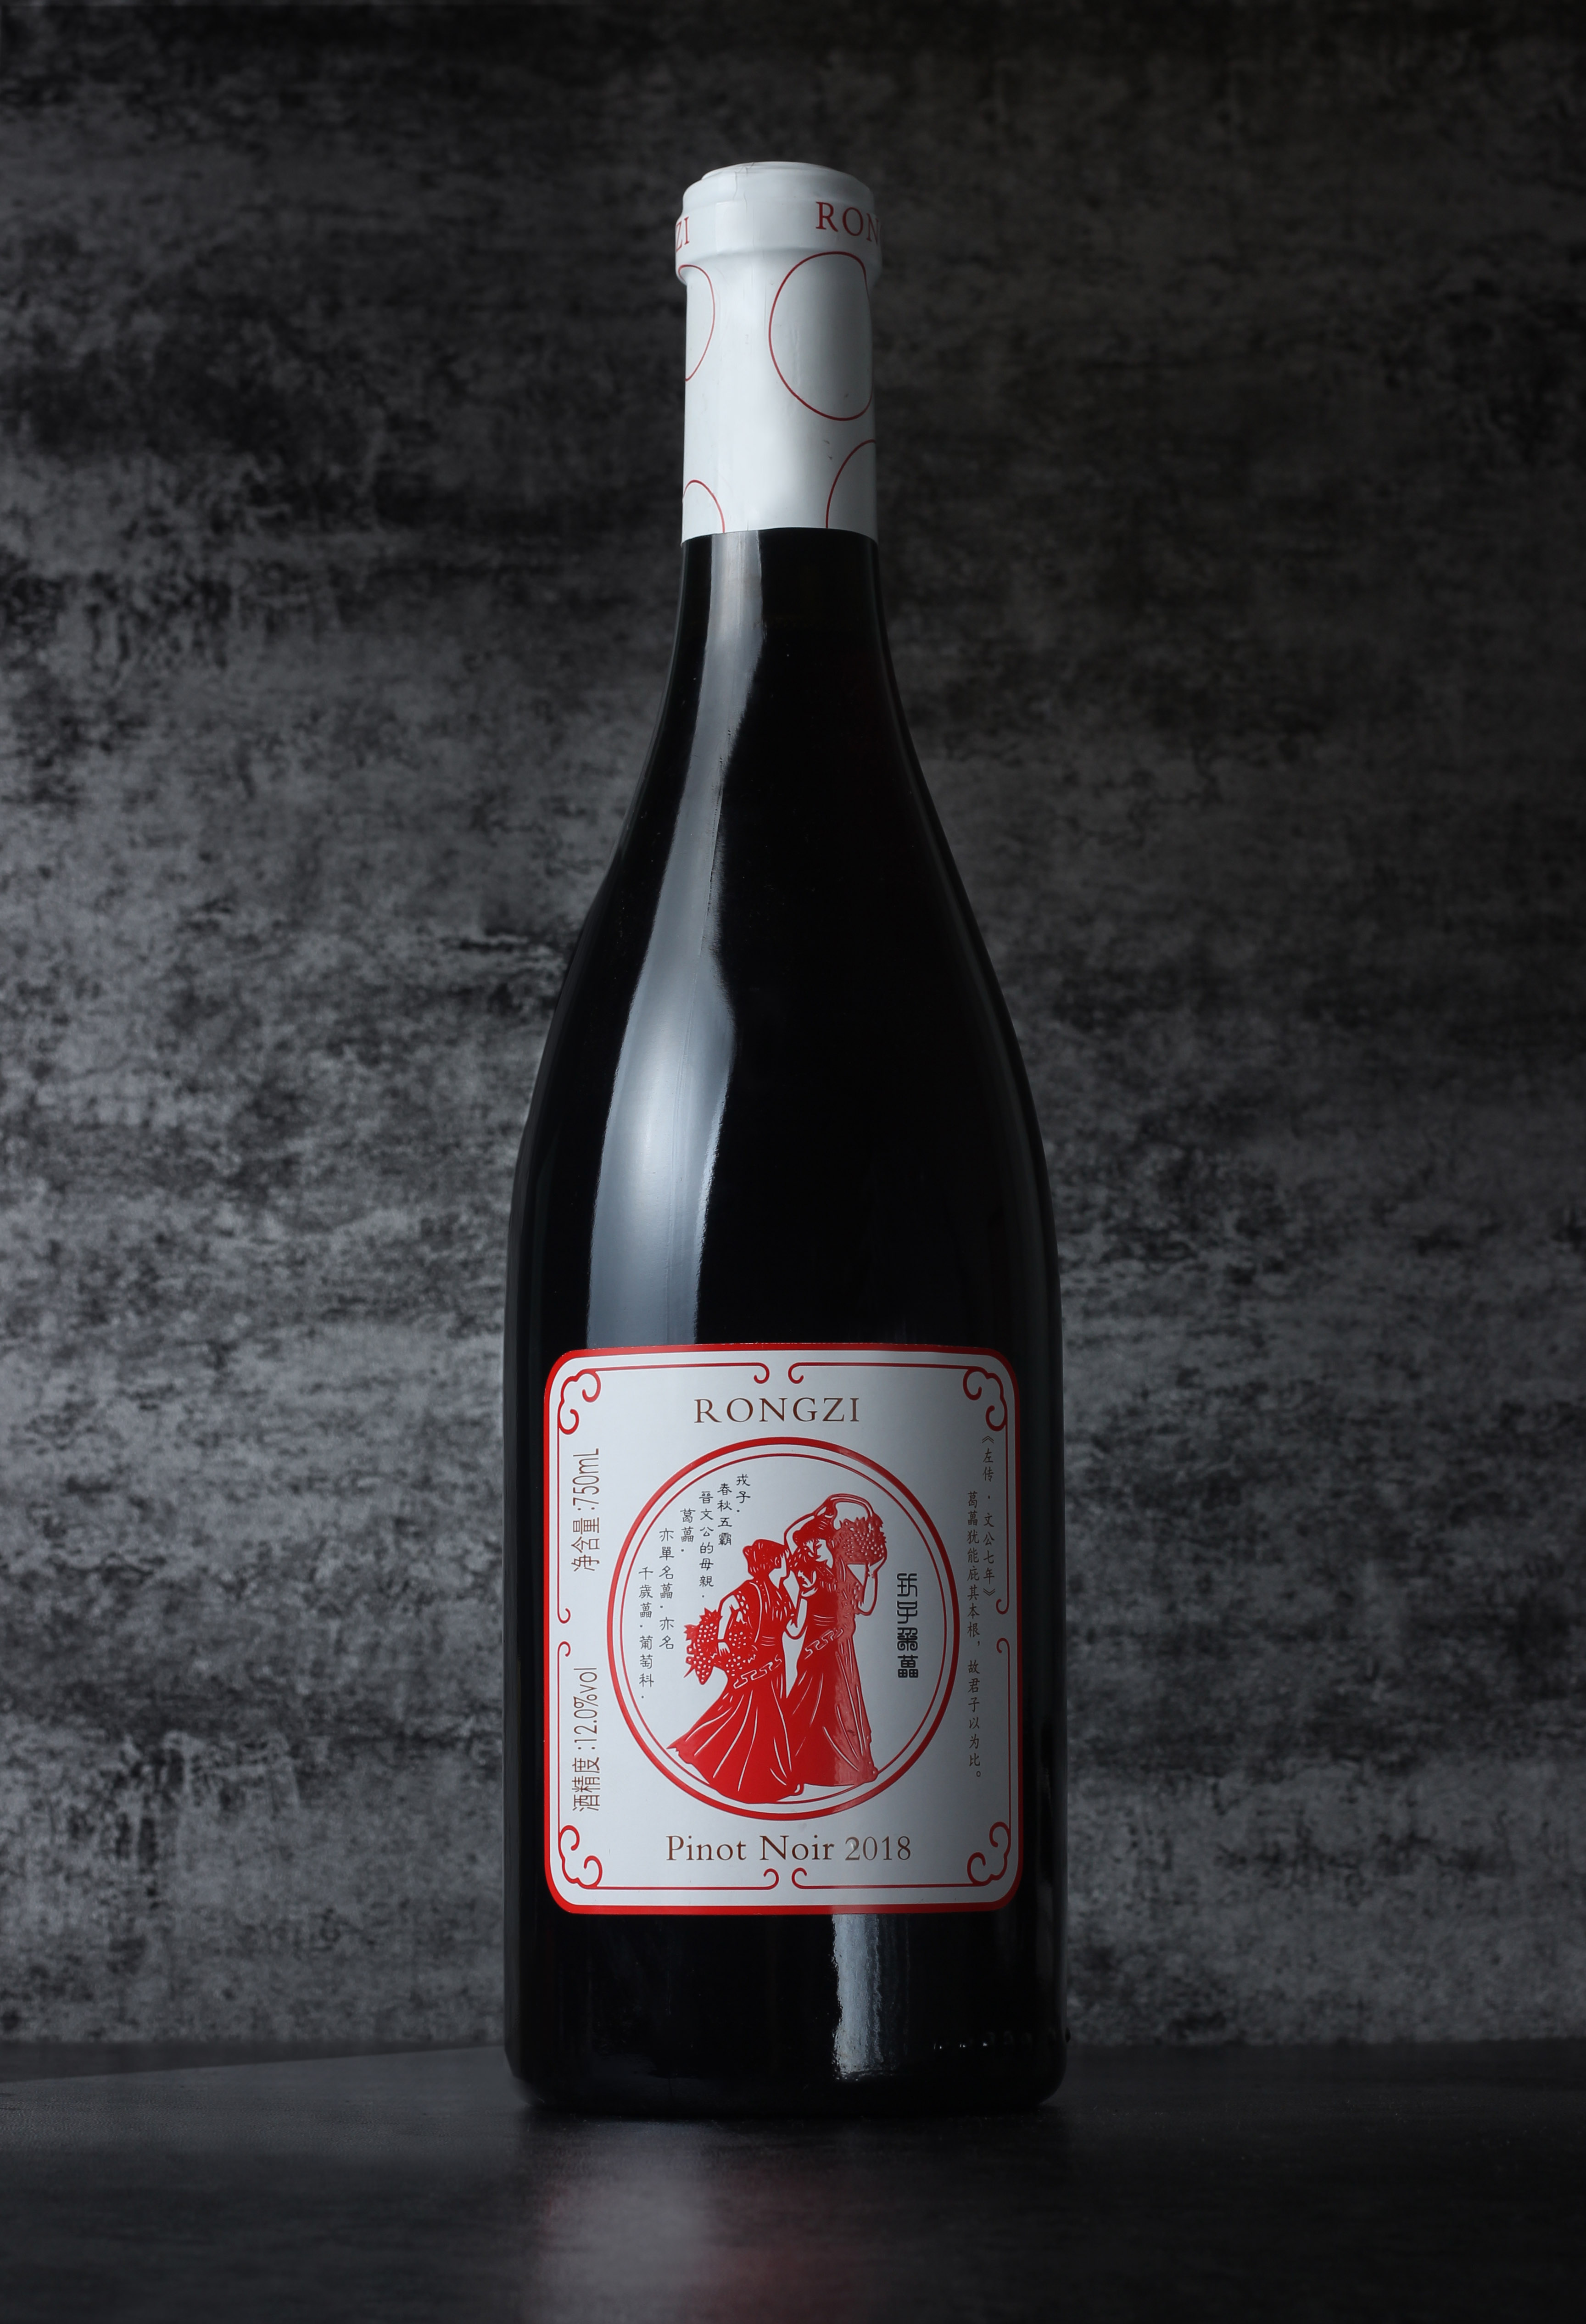 Rongzi Pinot Noir 2018